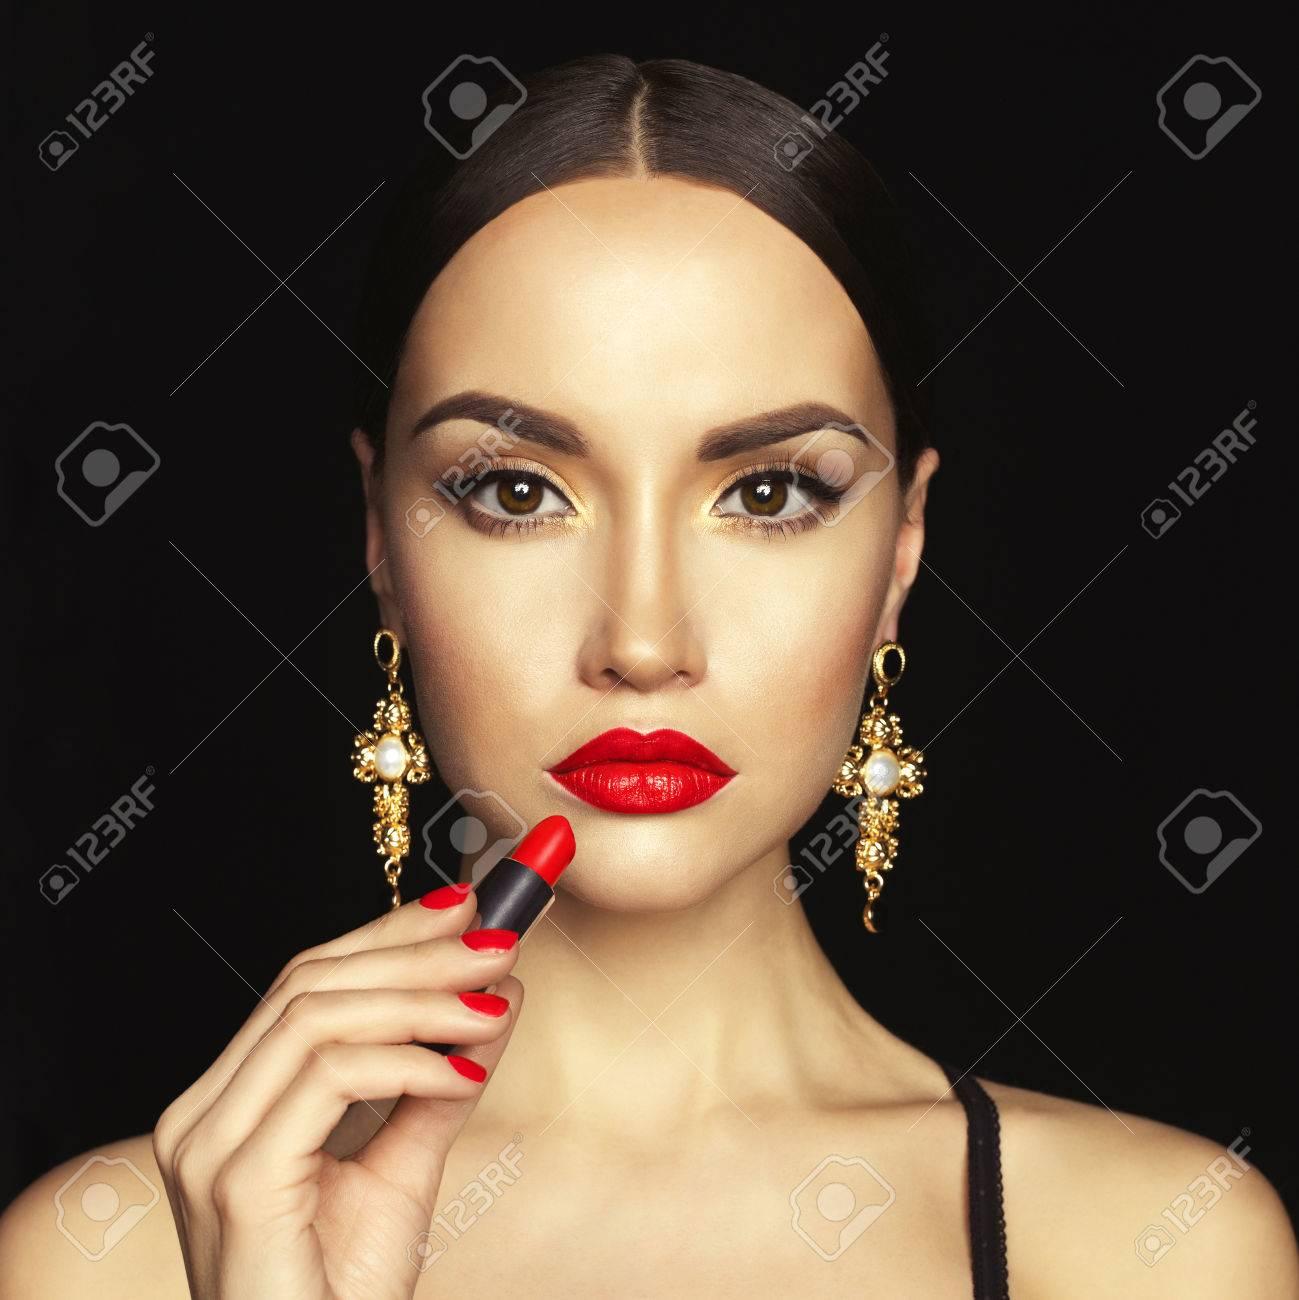 Fashion Studio Foto Der Schönen Jungen Dame Gelten Roten Lippenstift